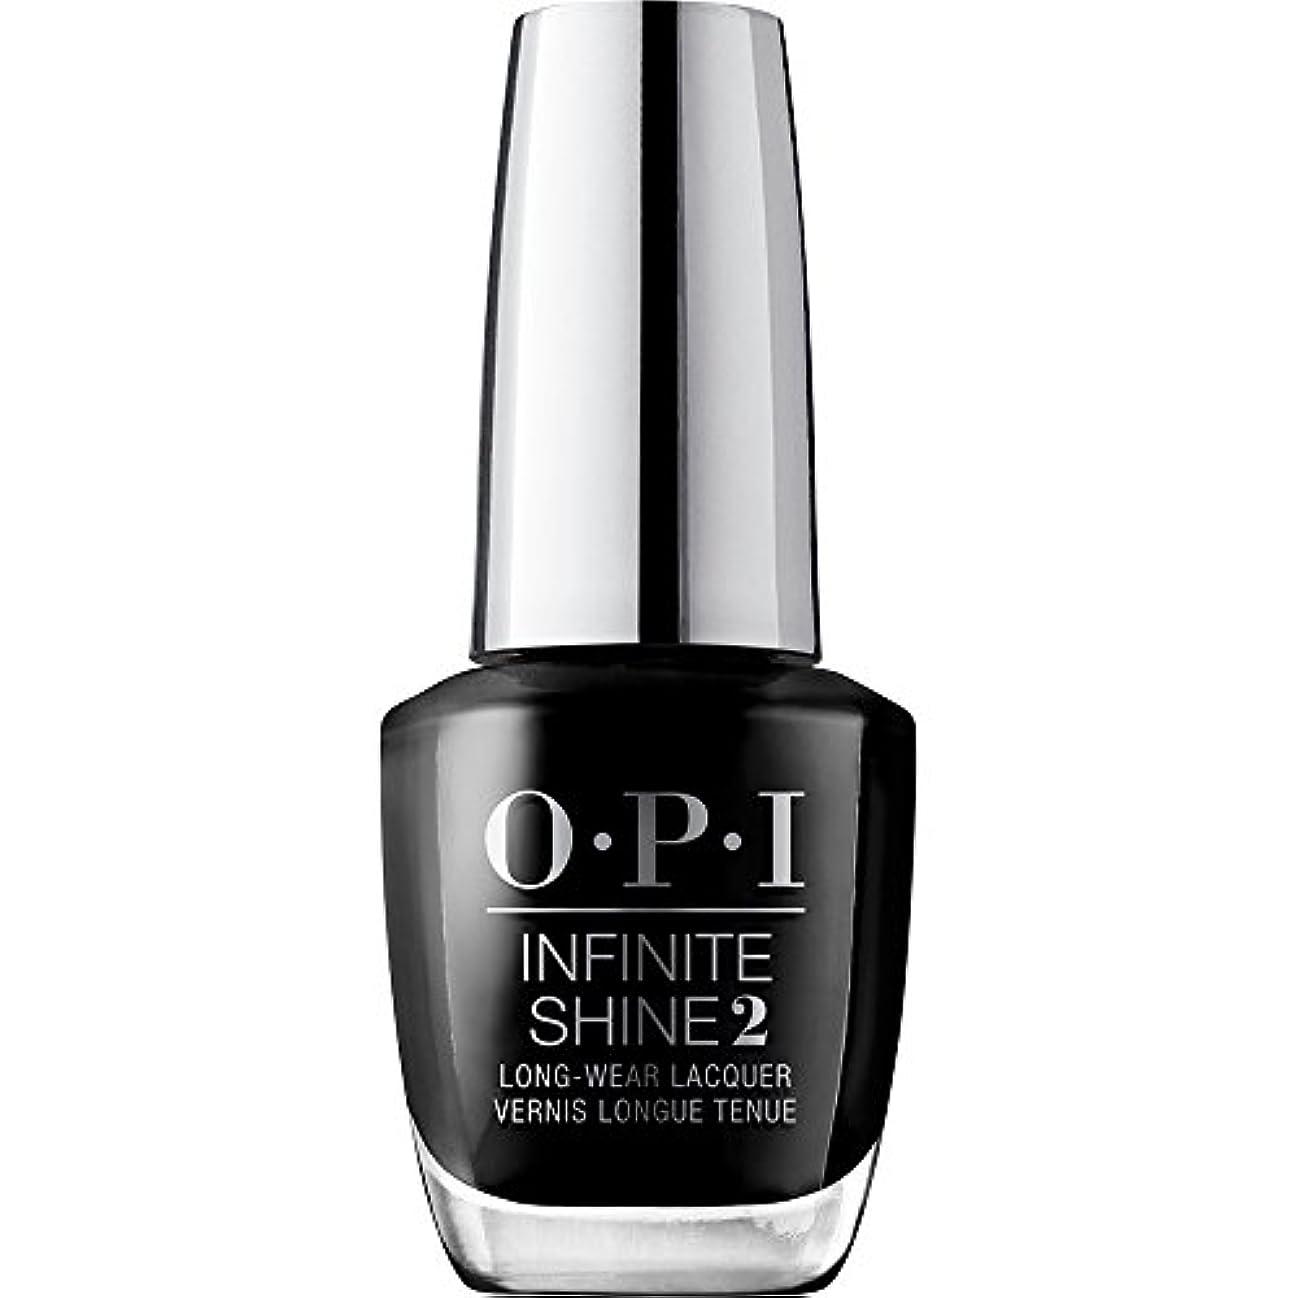 受ける夜明け排他的OPI(オーピーアイ) インフィニット シャイン ISL T02 ブラック オニキス